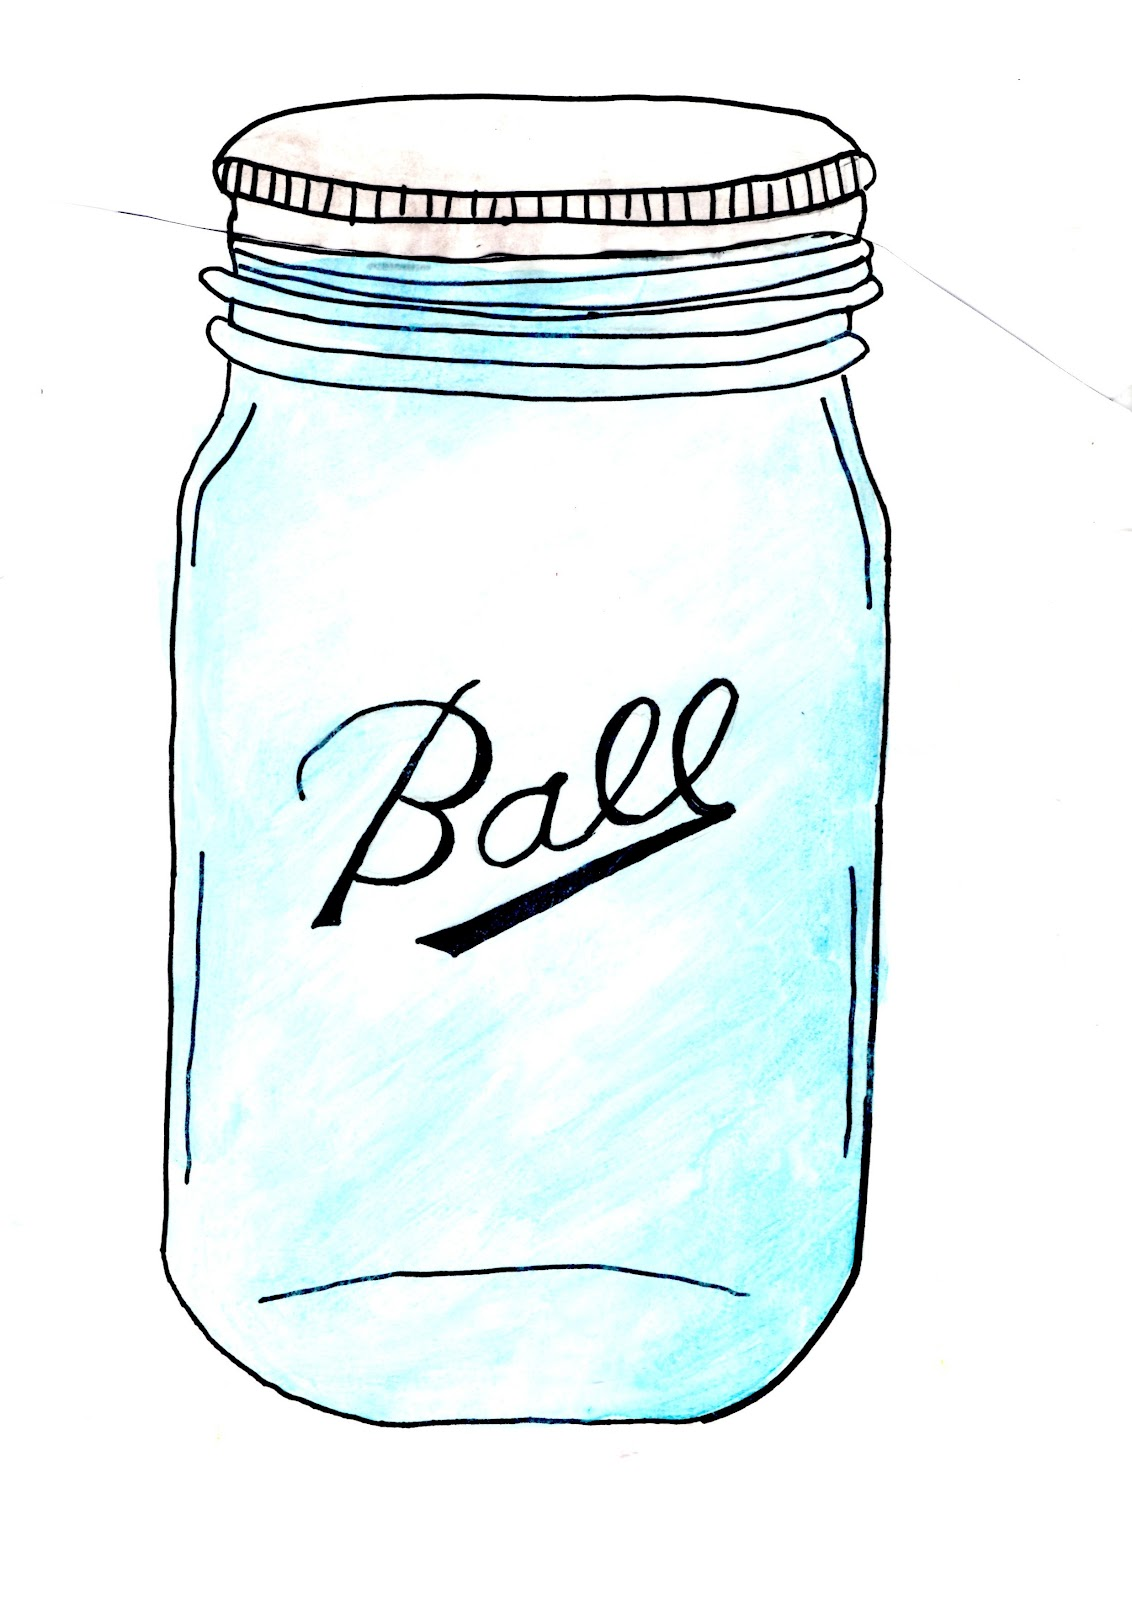 Free mason jar tempplates an ink drawing of a mason jar clipart.